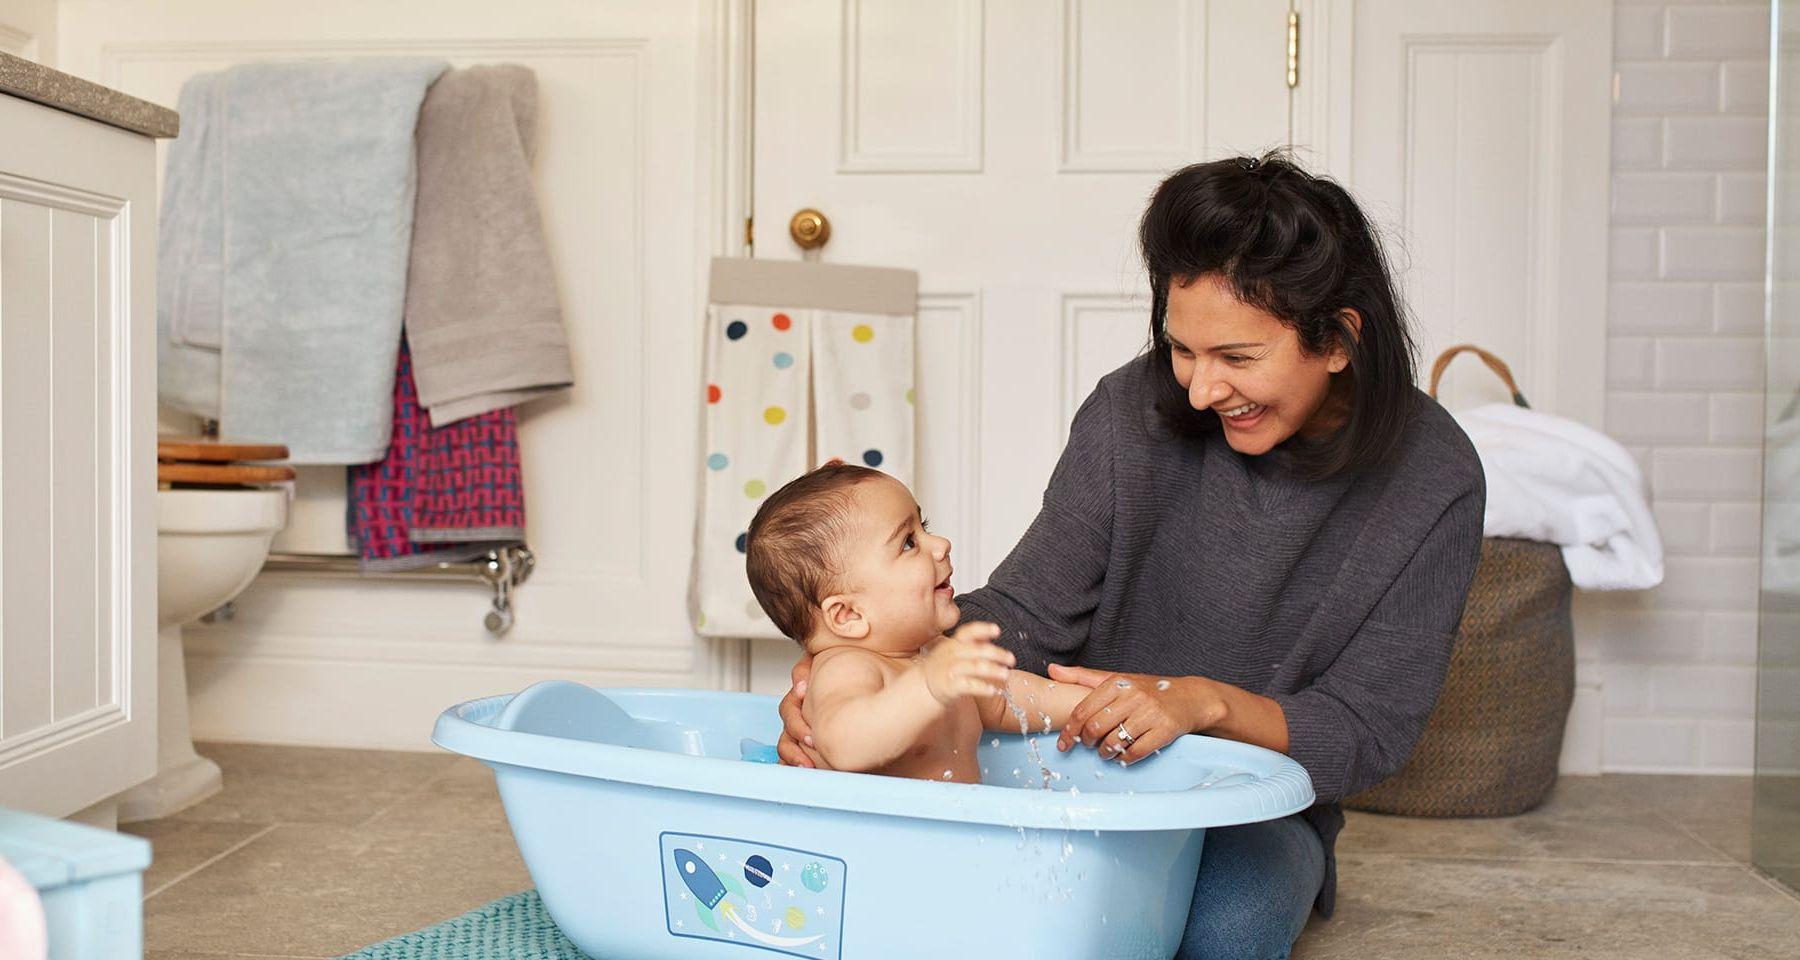 Những lưu ý khi vệ sinh cho bé một cách an toàn nhất